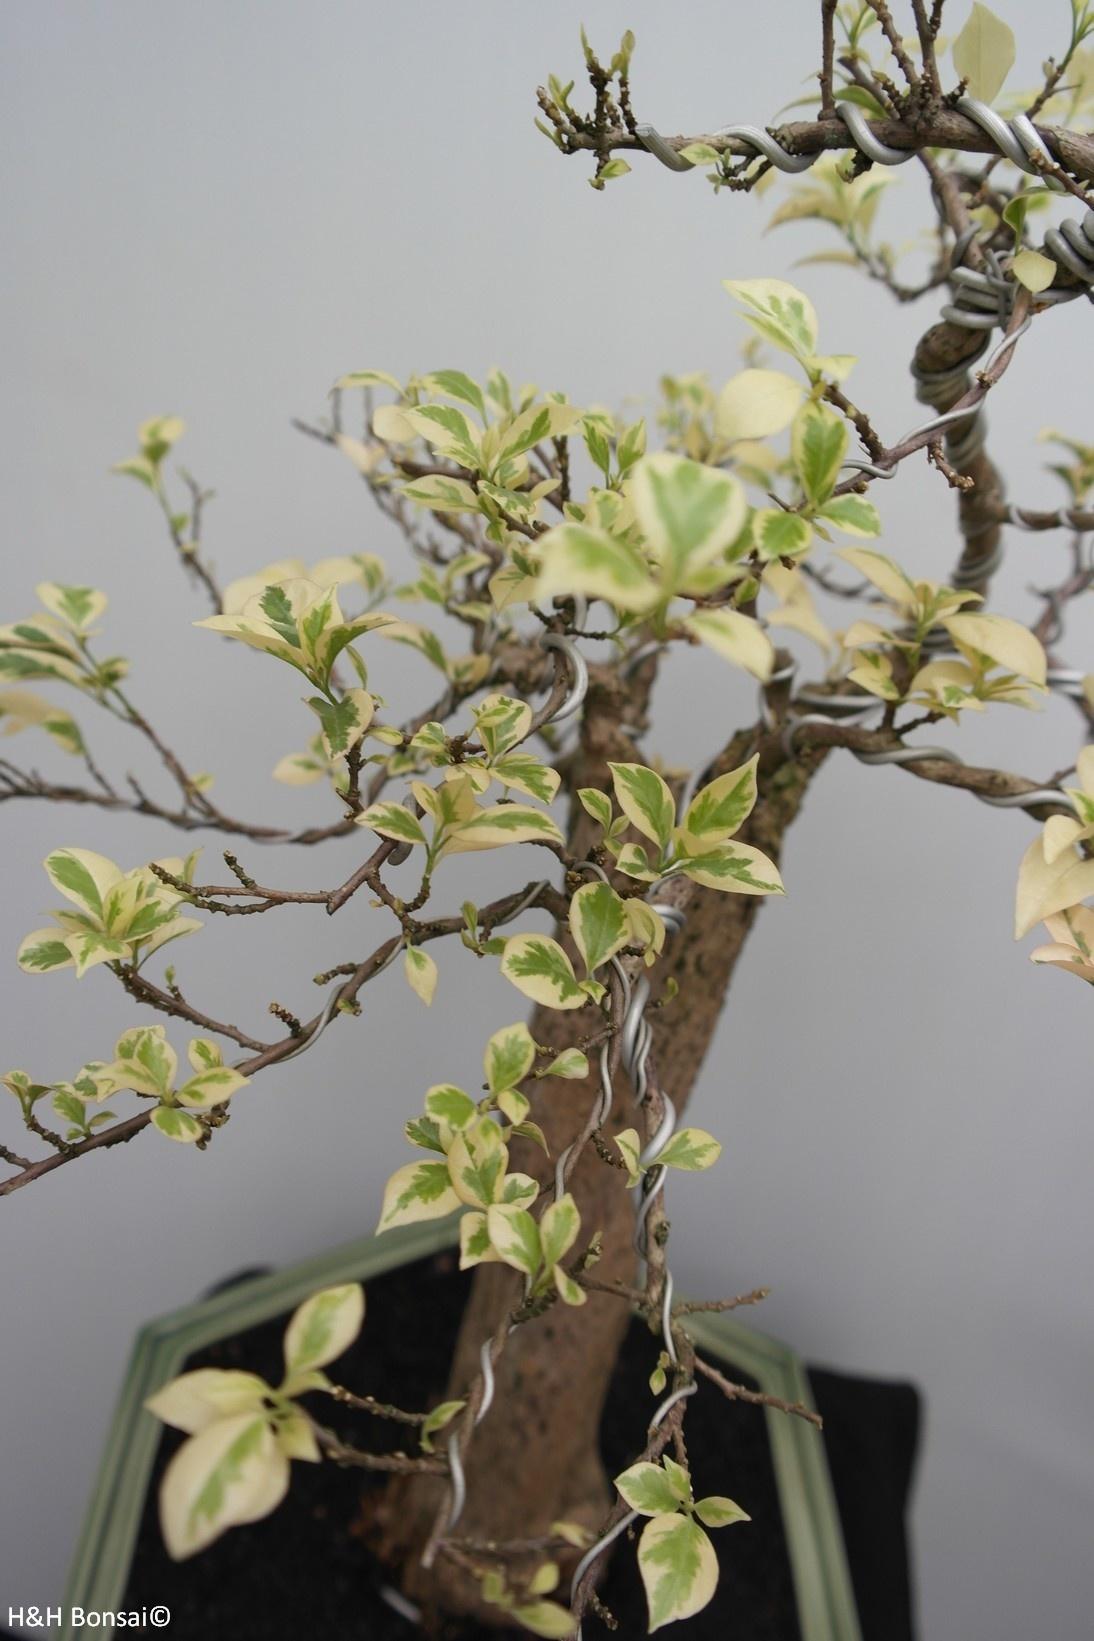 Bonsai Bougainvillier panache, Bougainvillea glabra, variegata, no. 7824